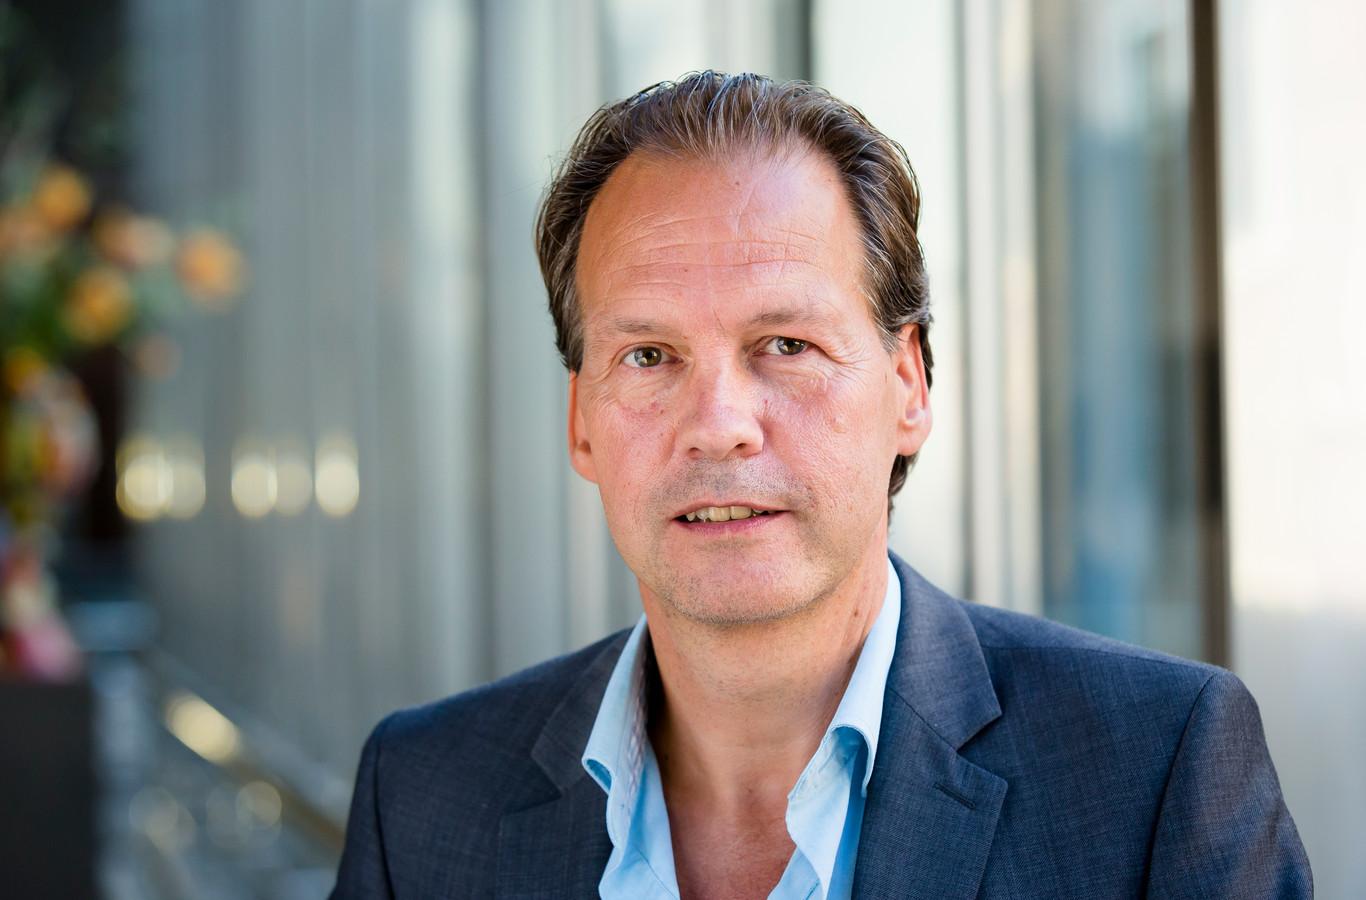 John Kerstens, Kamerlid van de PvdA.